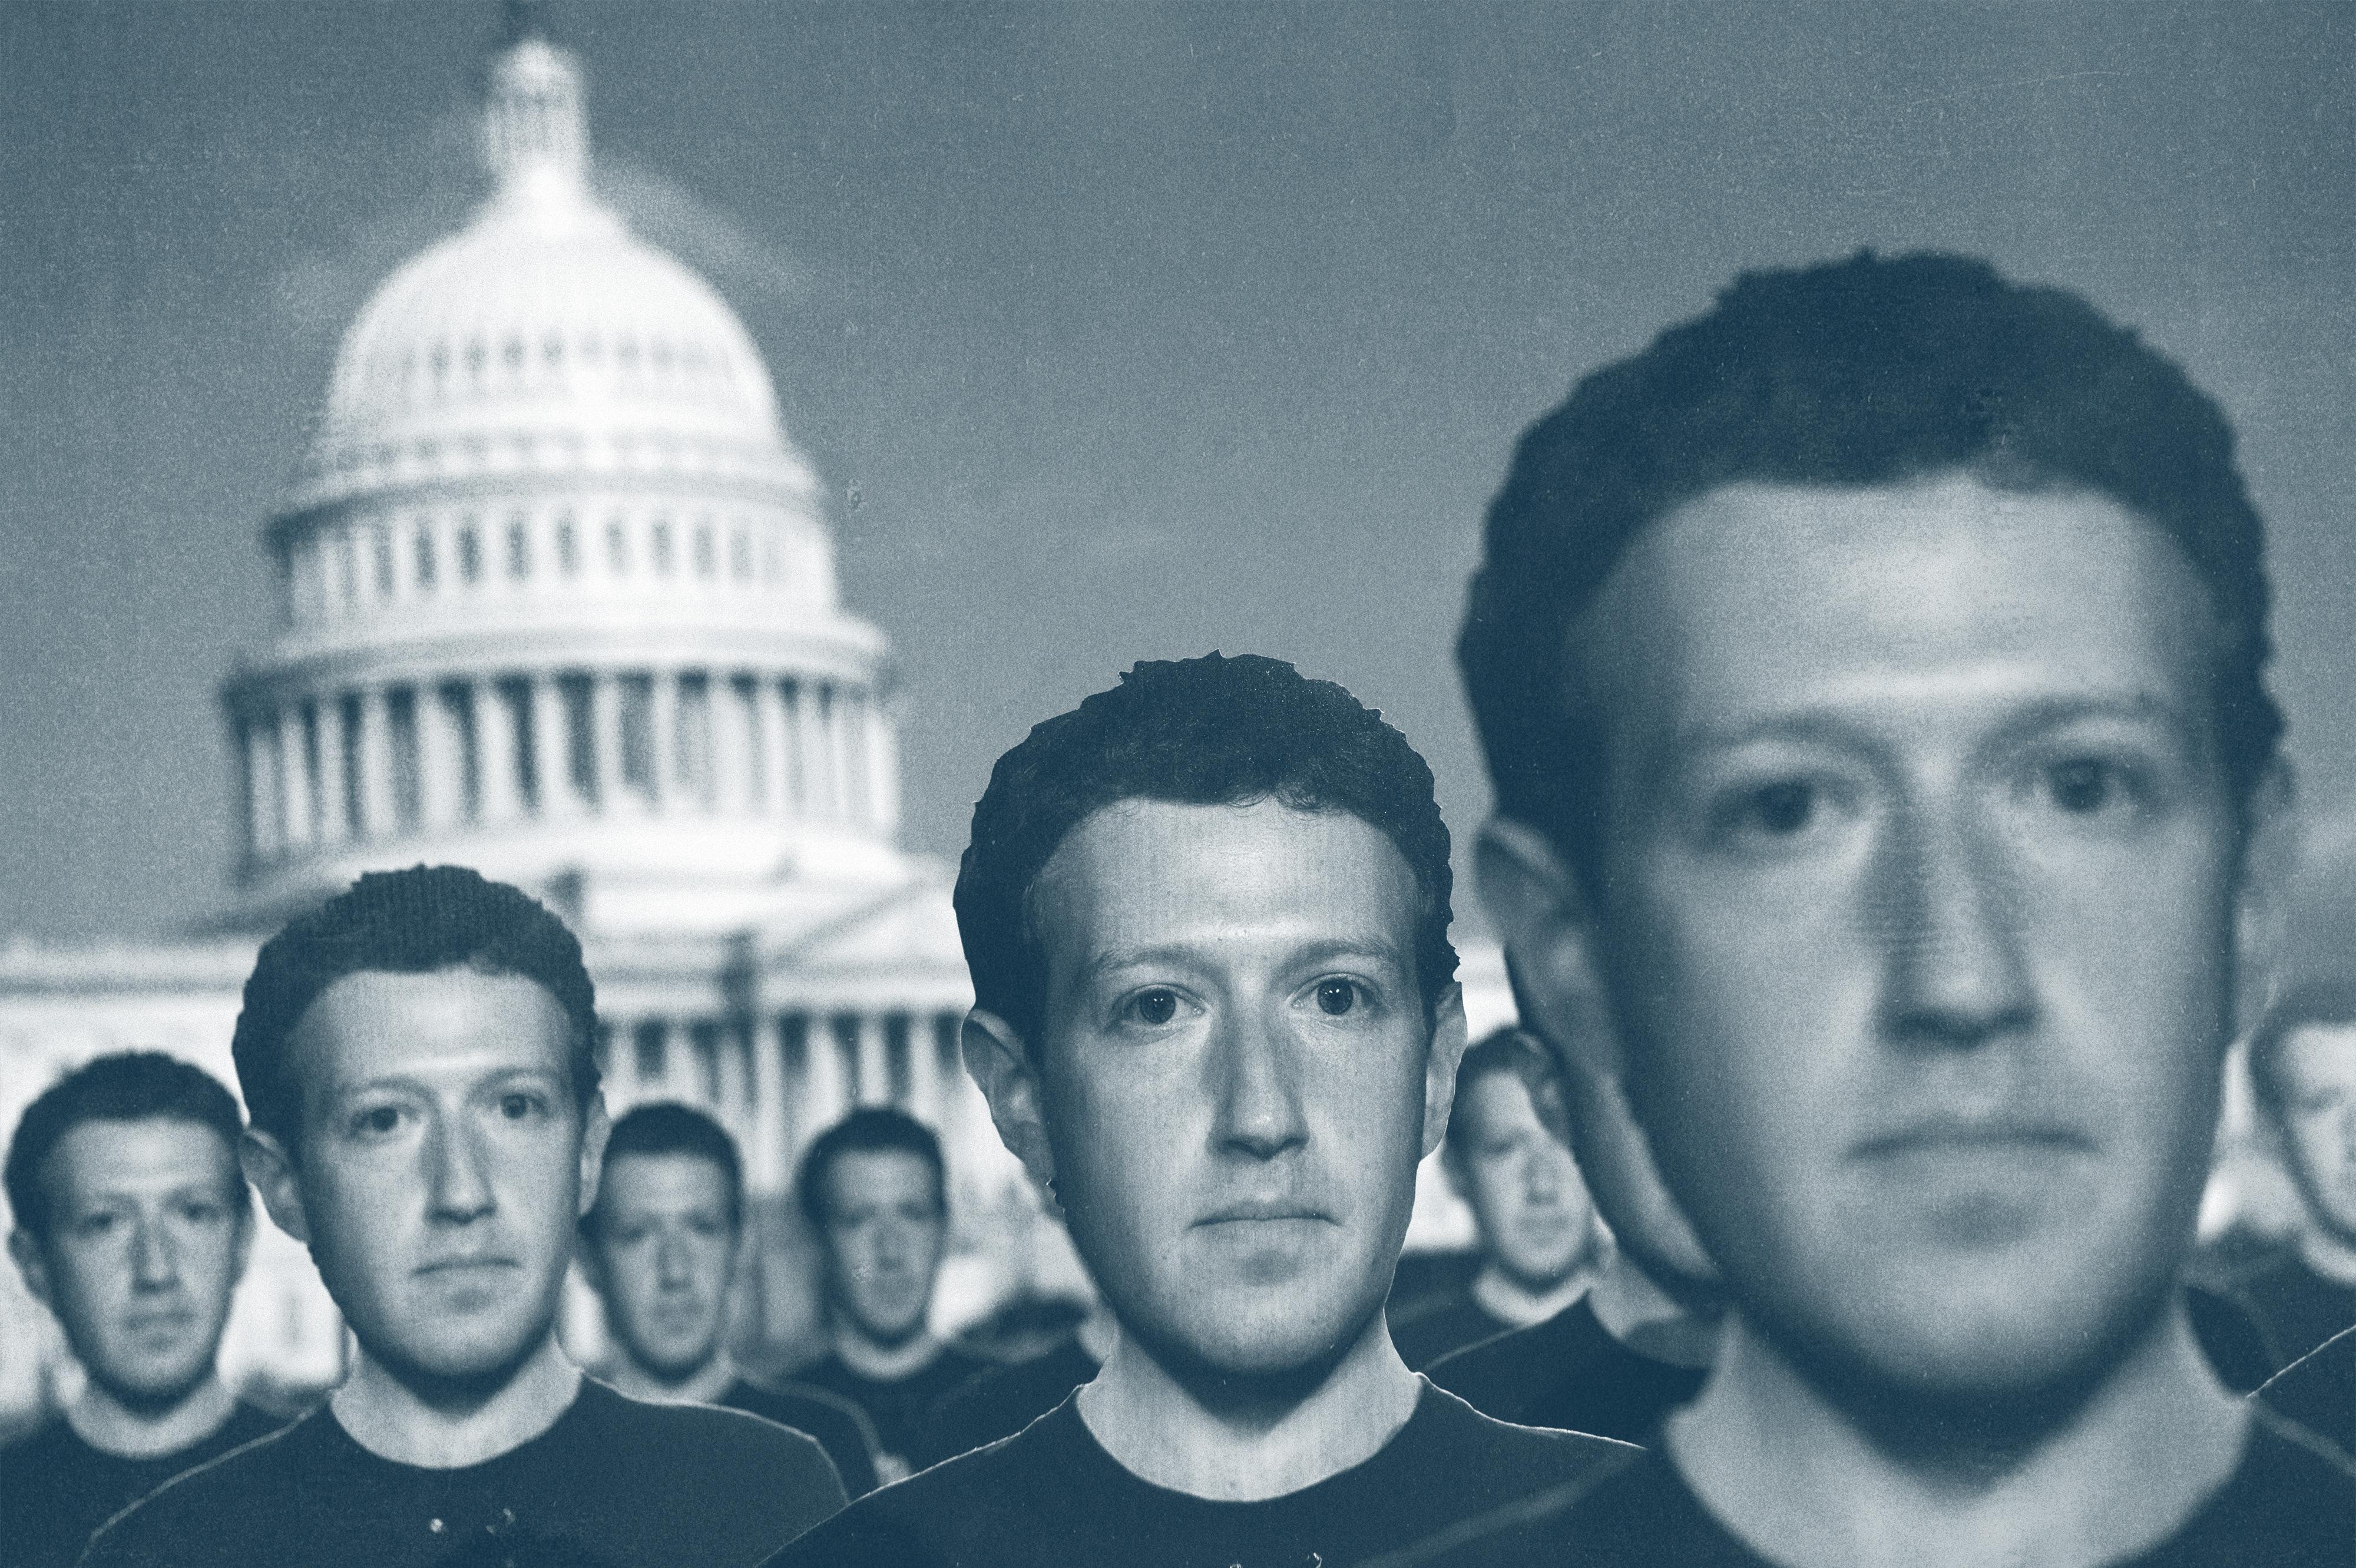 Magyar tagja is lesz a Facebook Legfelsőbb Bíróságának, ami több mint kétmilliárd ember szólásszabadságról dönthet majd